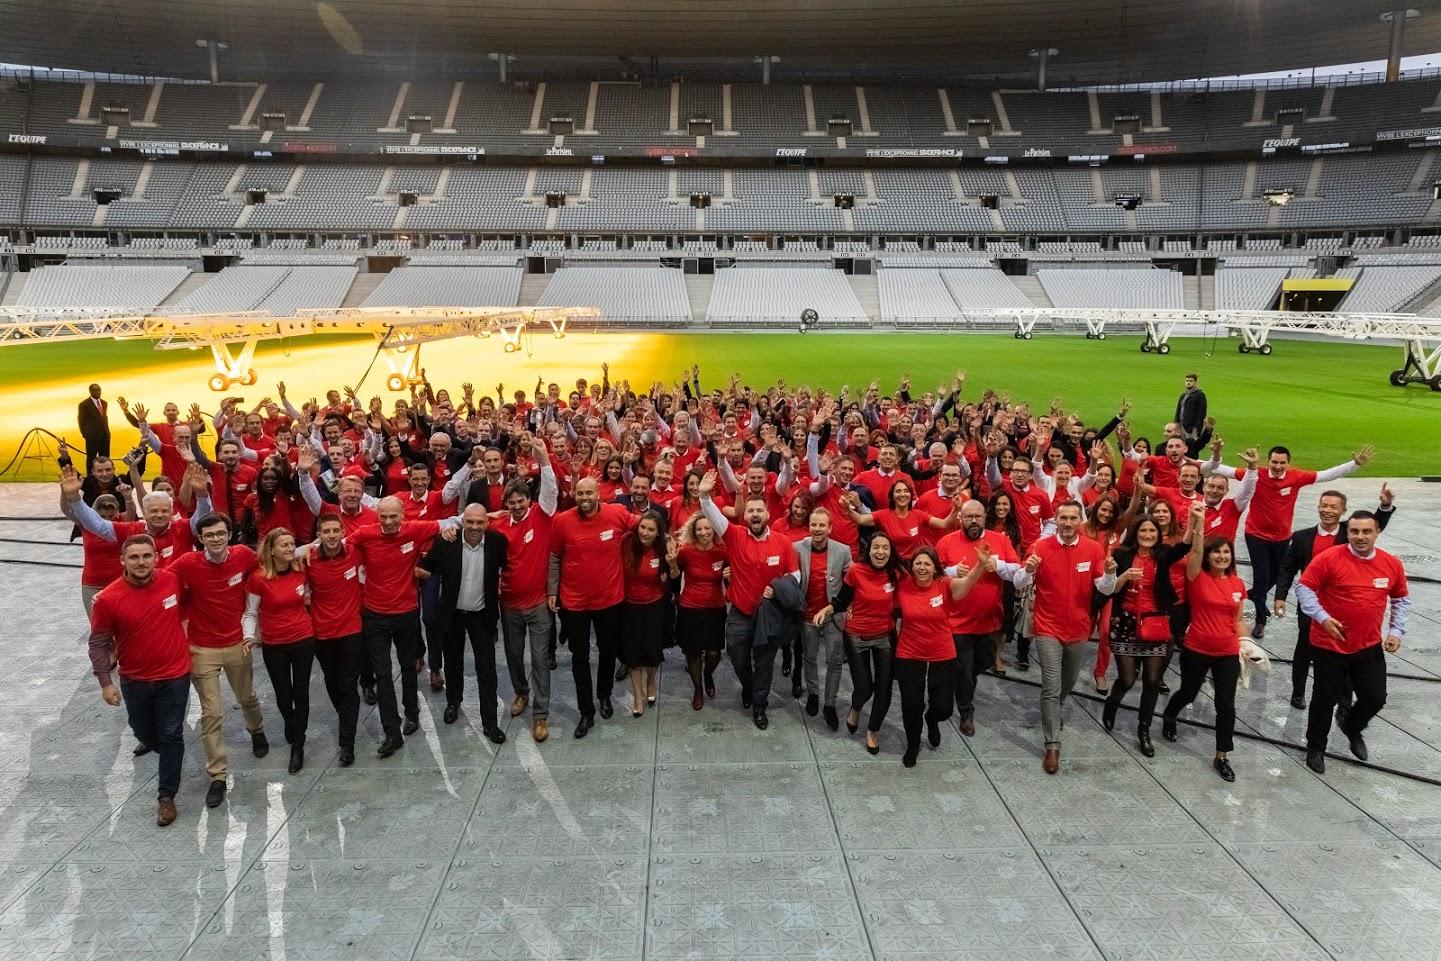 Le 4 octobre dernier, Keymex organisait sa toute première Convention Nationale au Stade France !